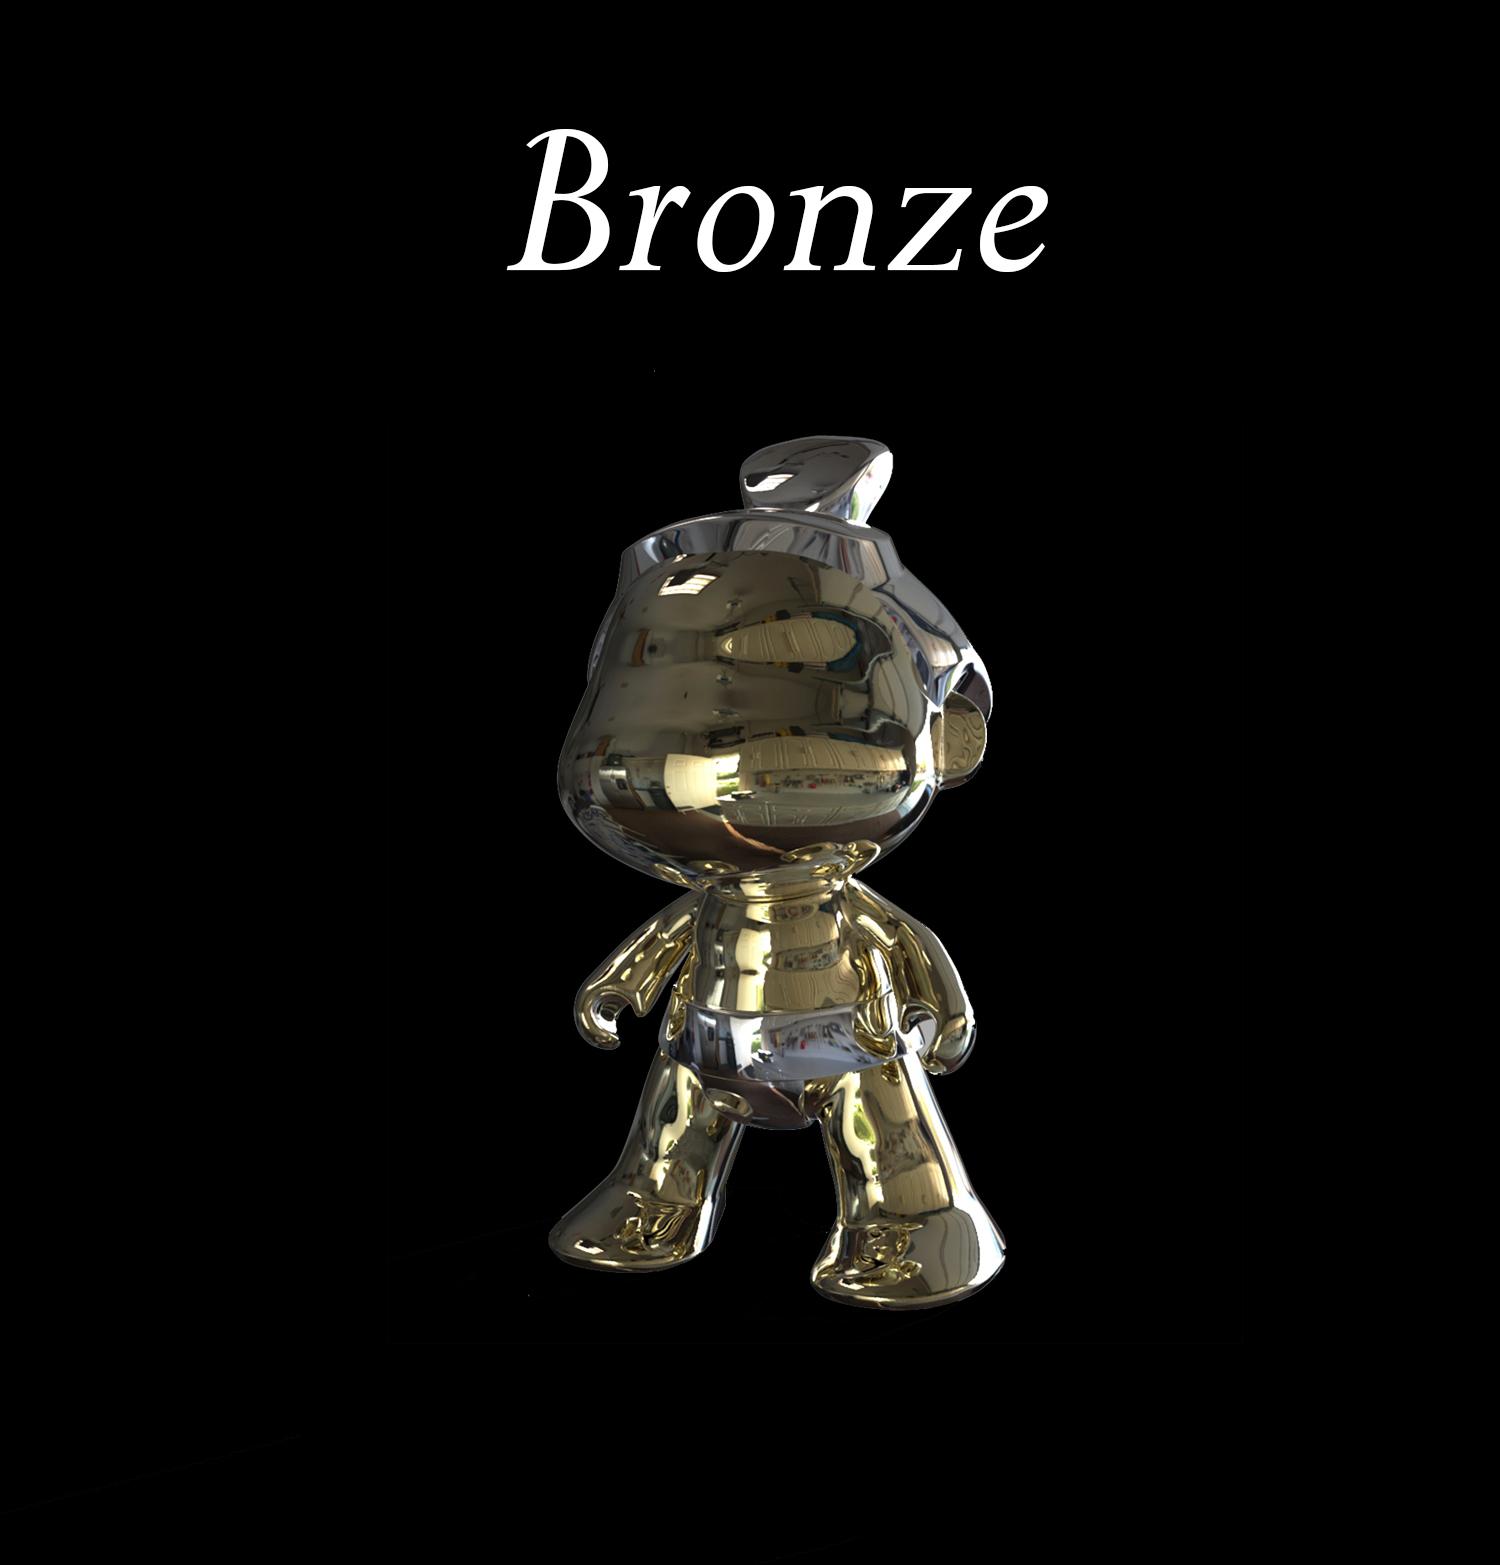 logo bronze 2.jpg